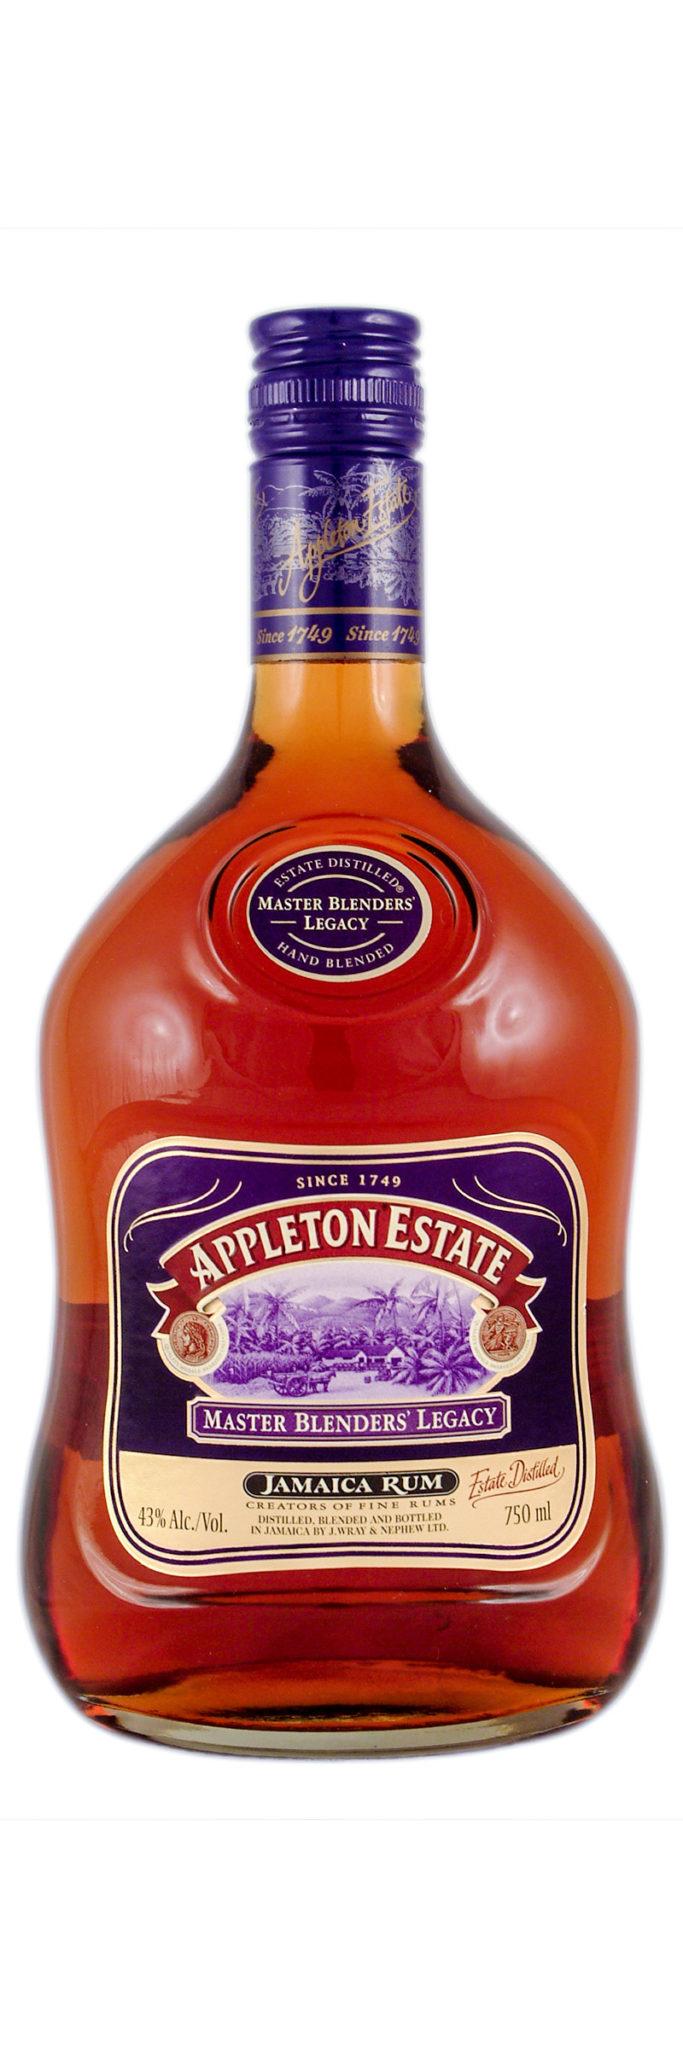 Appleton Estate Master Blenders